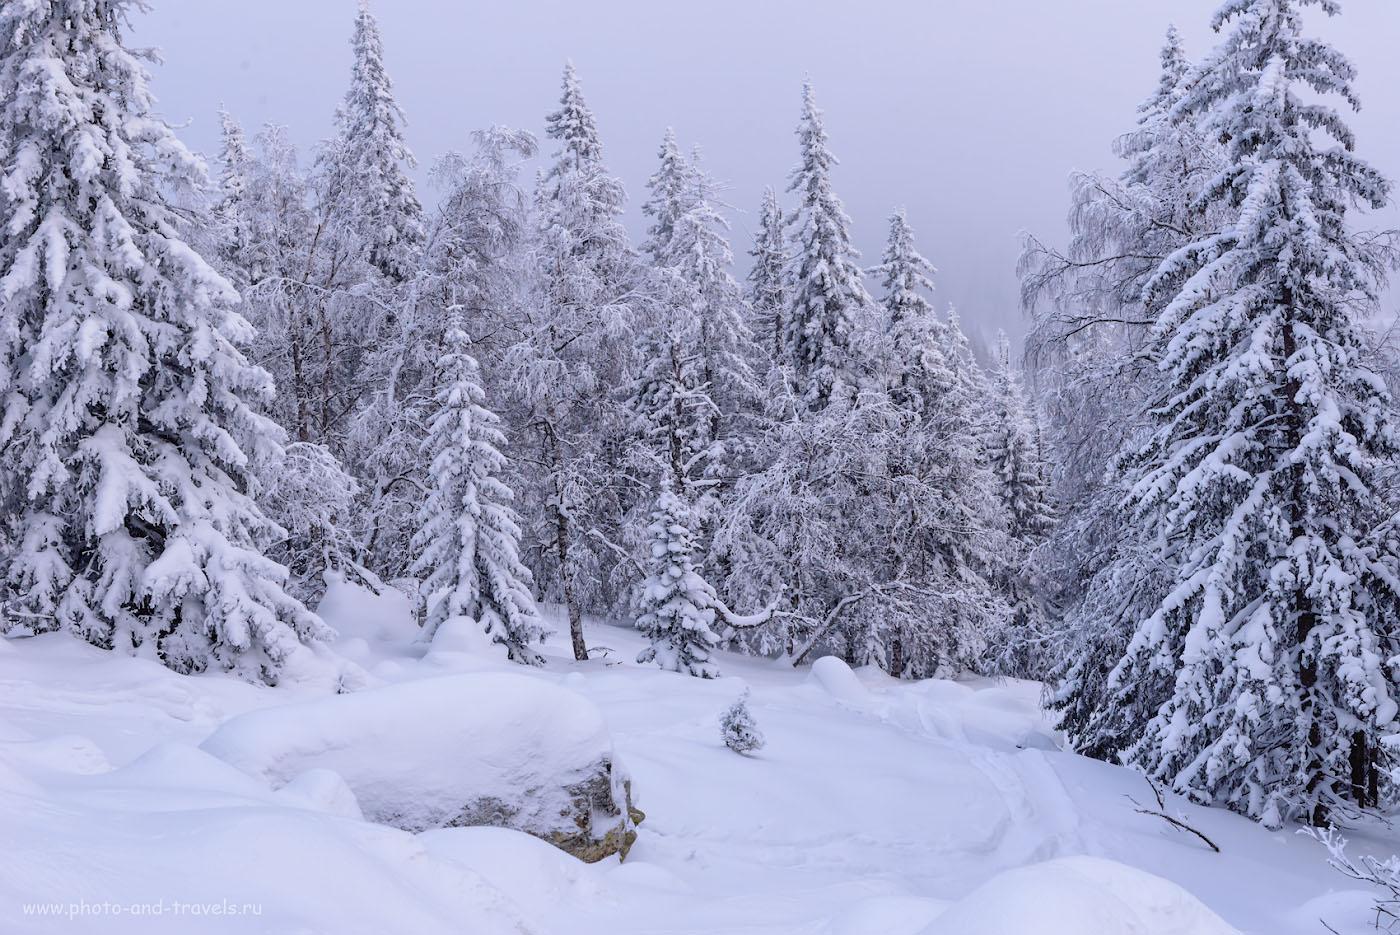 Фотография 23. Вечер в зимнем лесу. 1/160, +1.0, 10, 560, 48.